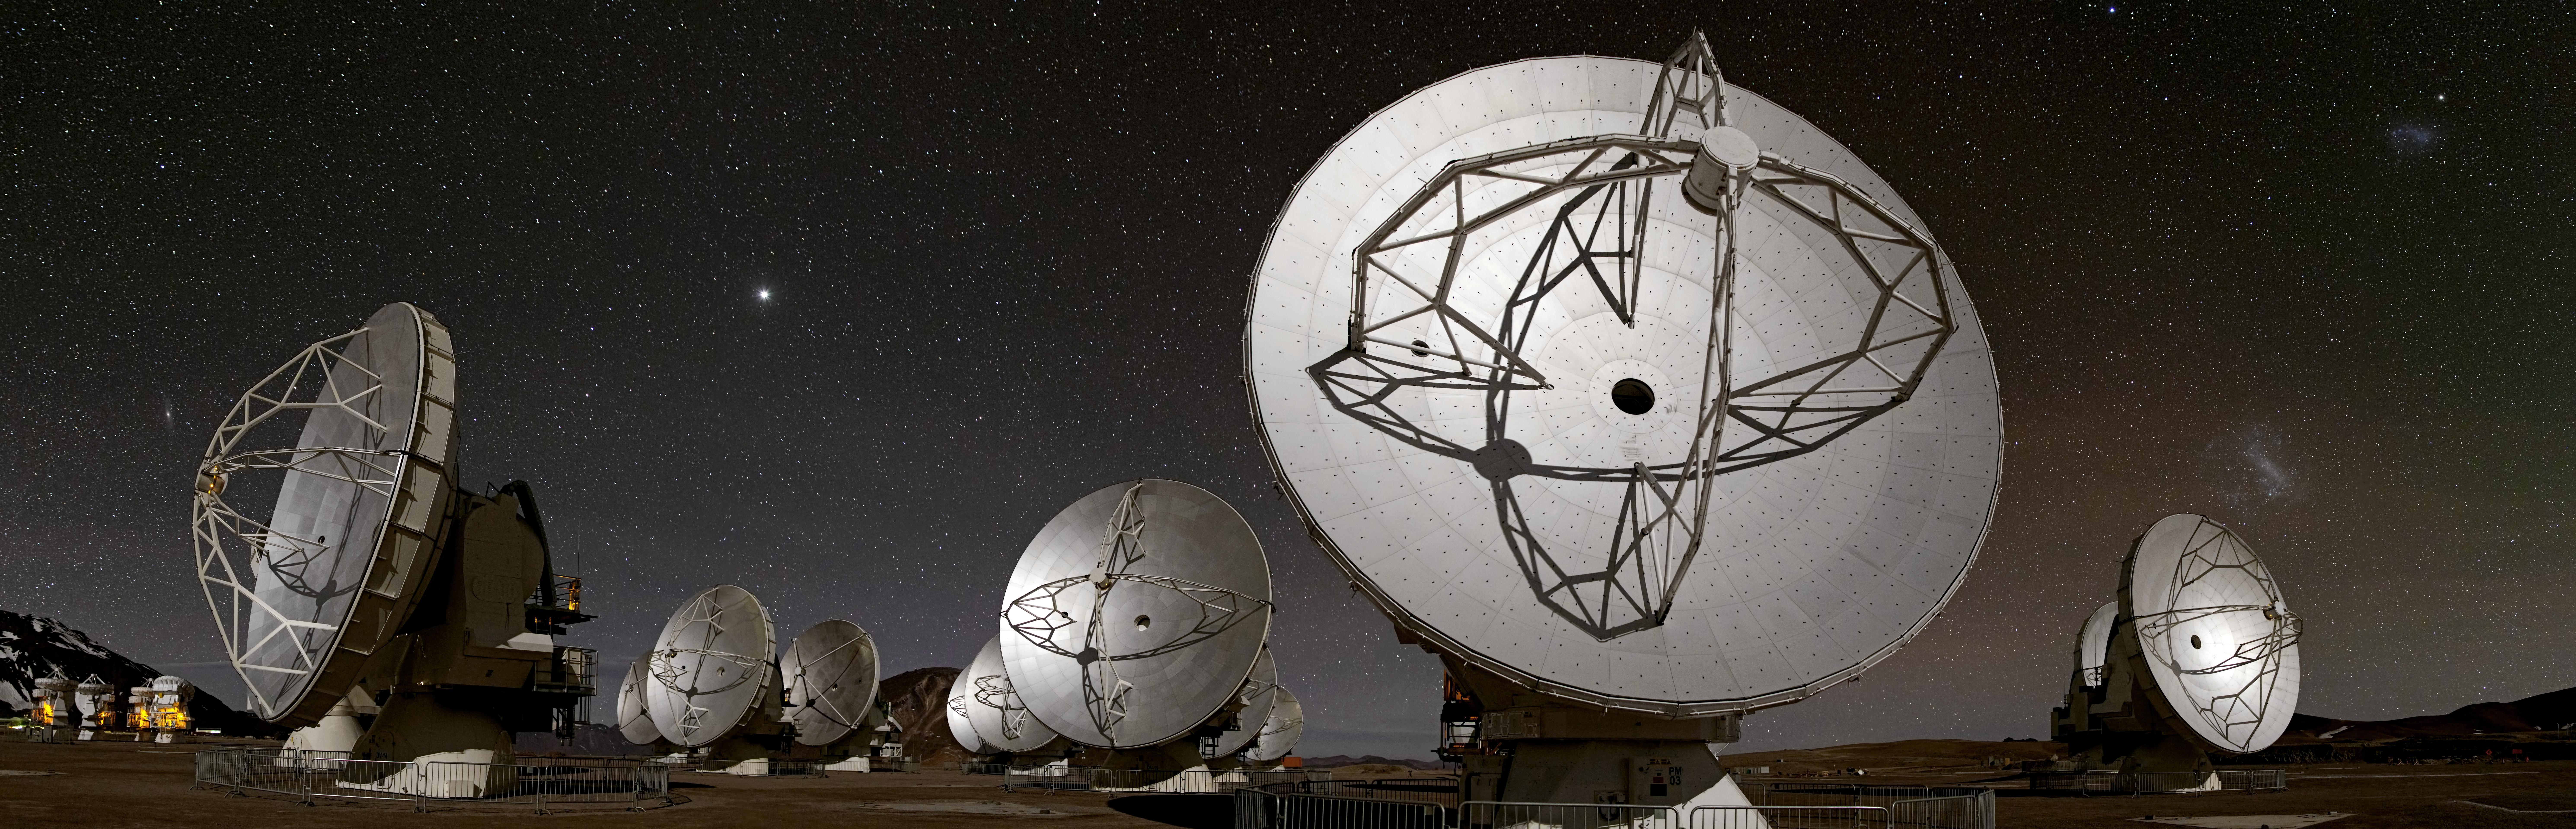 ALMA Telescope, Chile